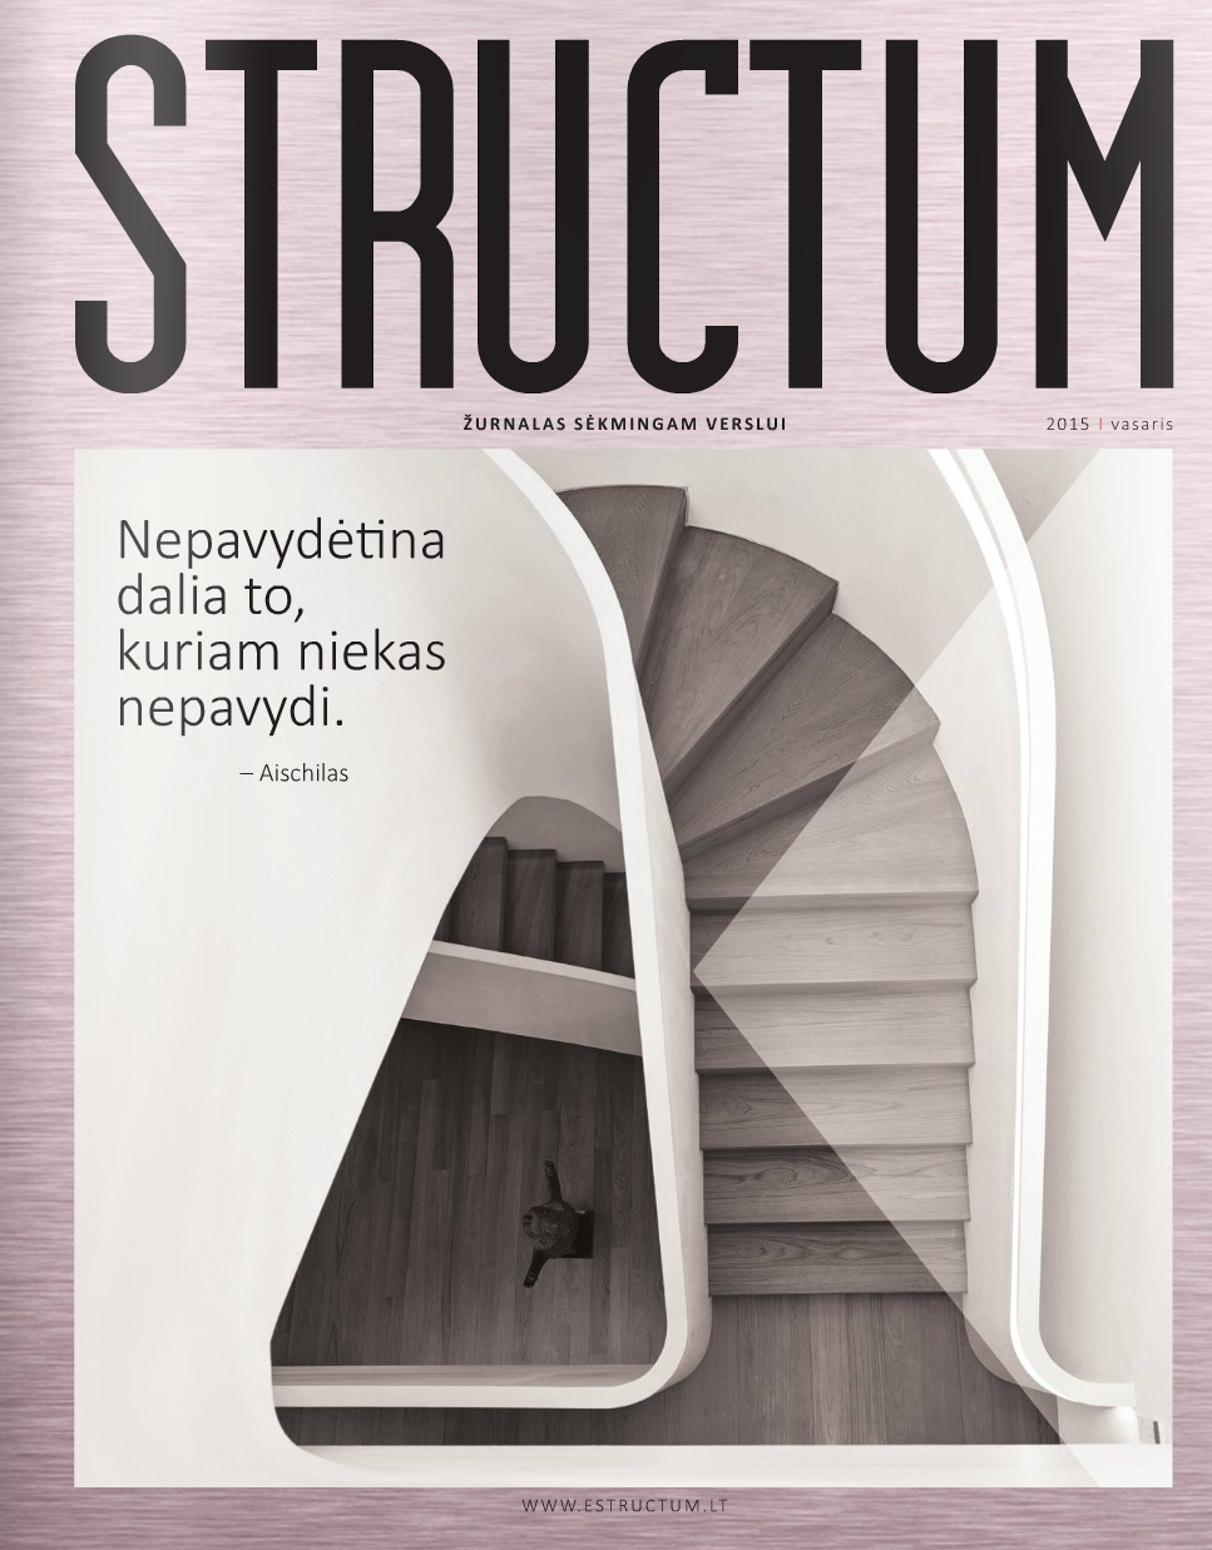 STRUCTUM, Γιώργος Φάκαρος - Αρχιτεκτονική Φωτογραφία | Εσωτερικοί Χώροι | Φωτογραφία Ξενοδοχειών - Photography / Φωτογραφία